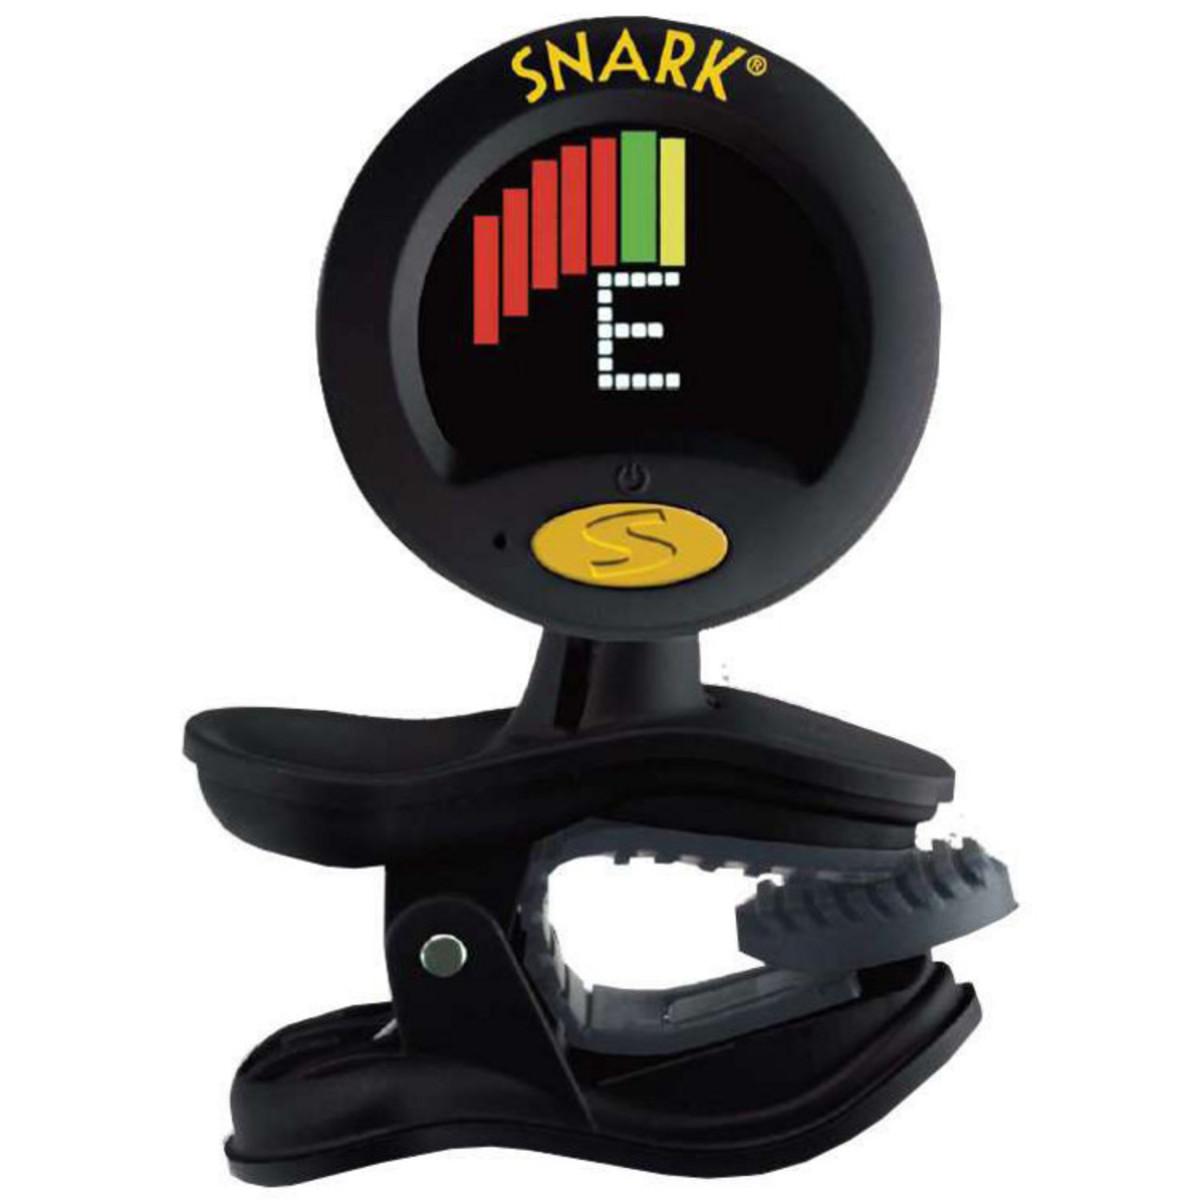 snark super tight all instrument tuner black at. Black Bedroom Furniture Sets. Home Design Ideas